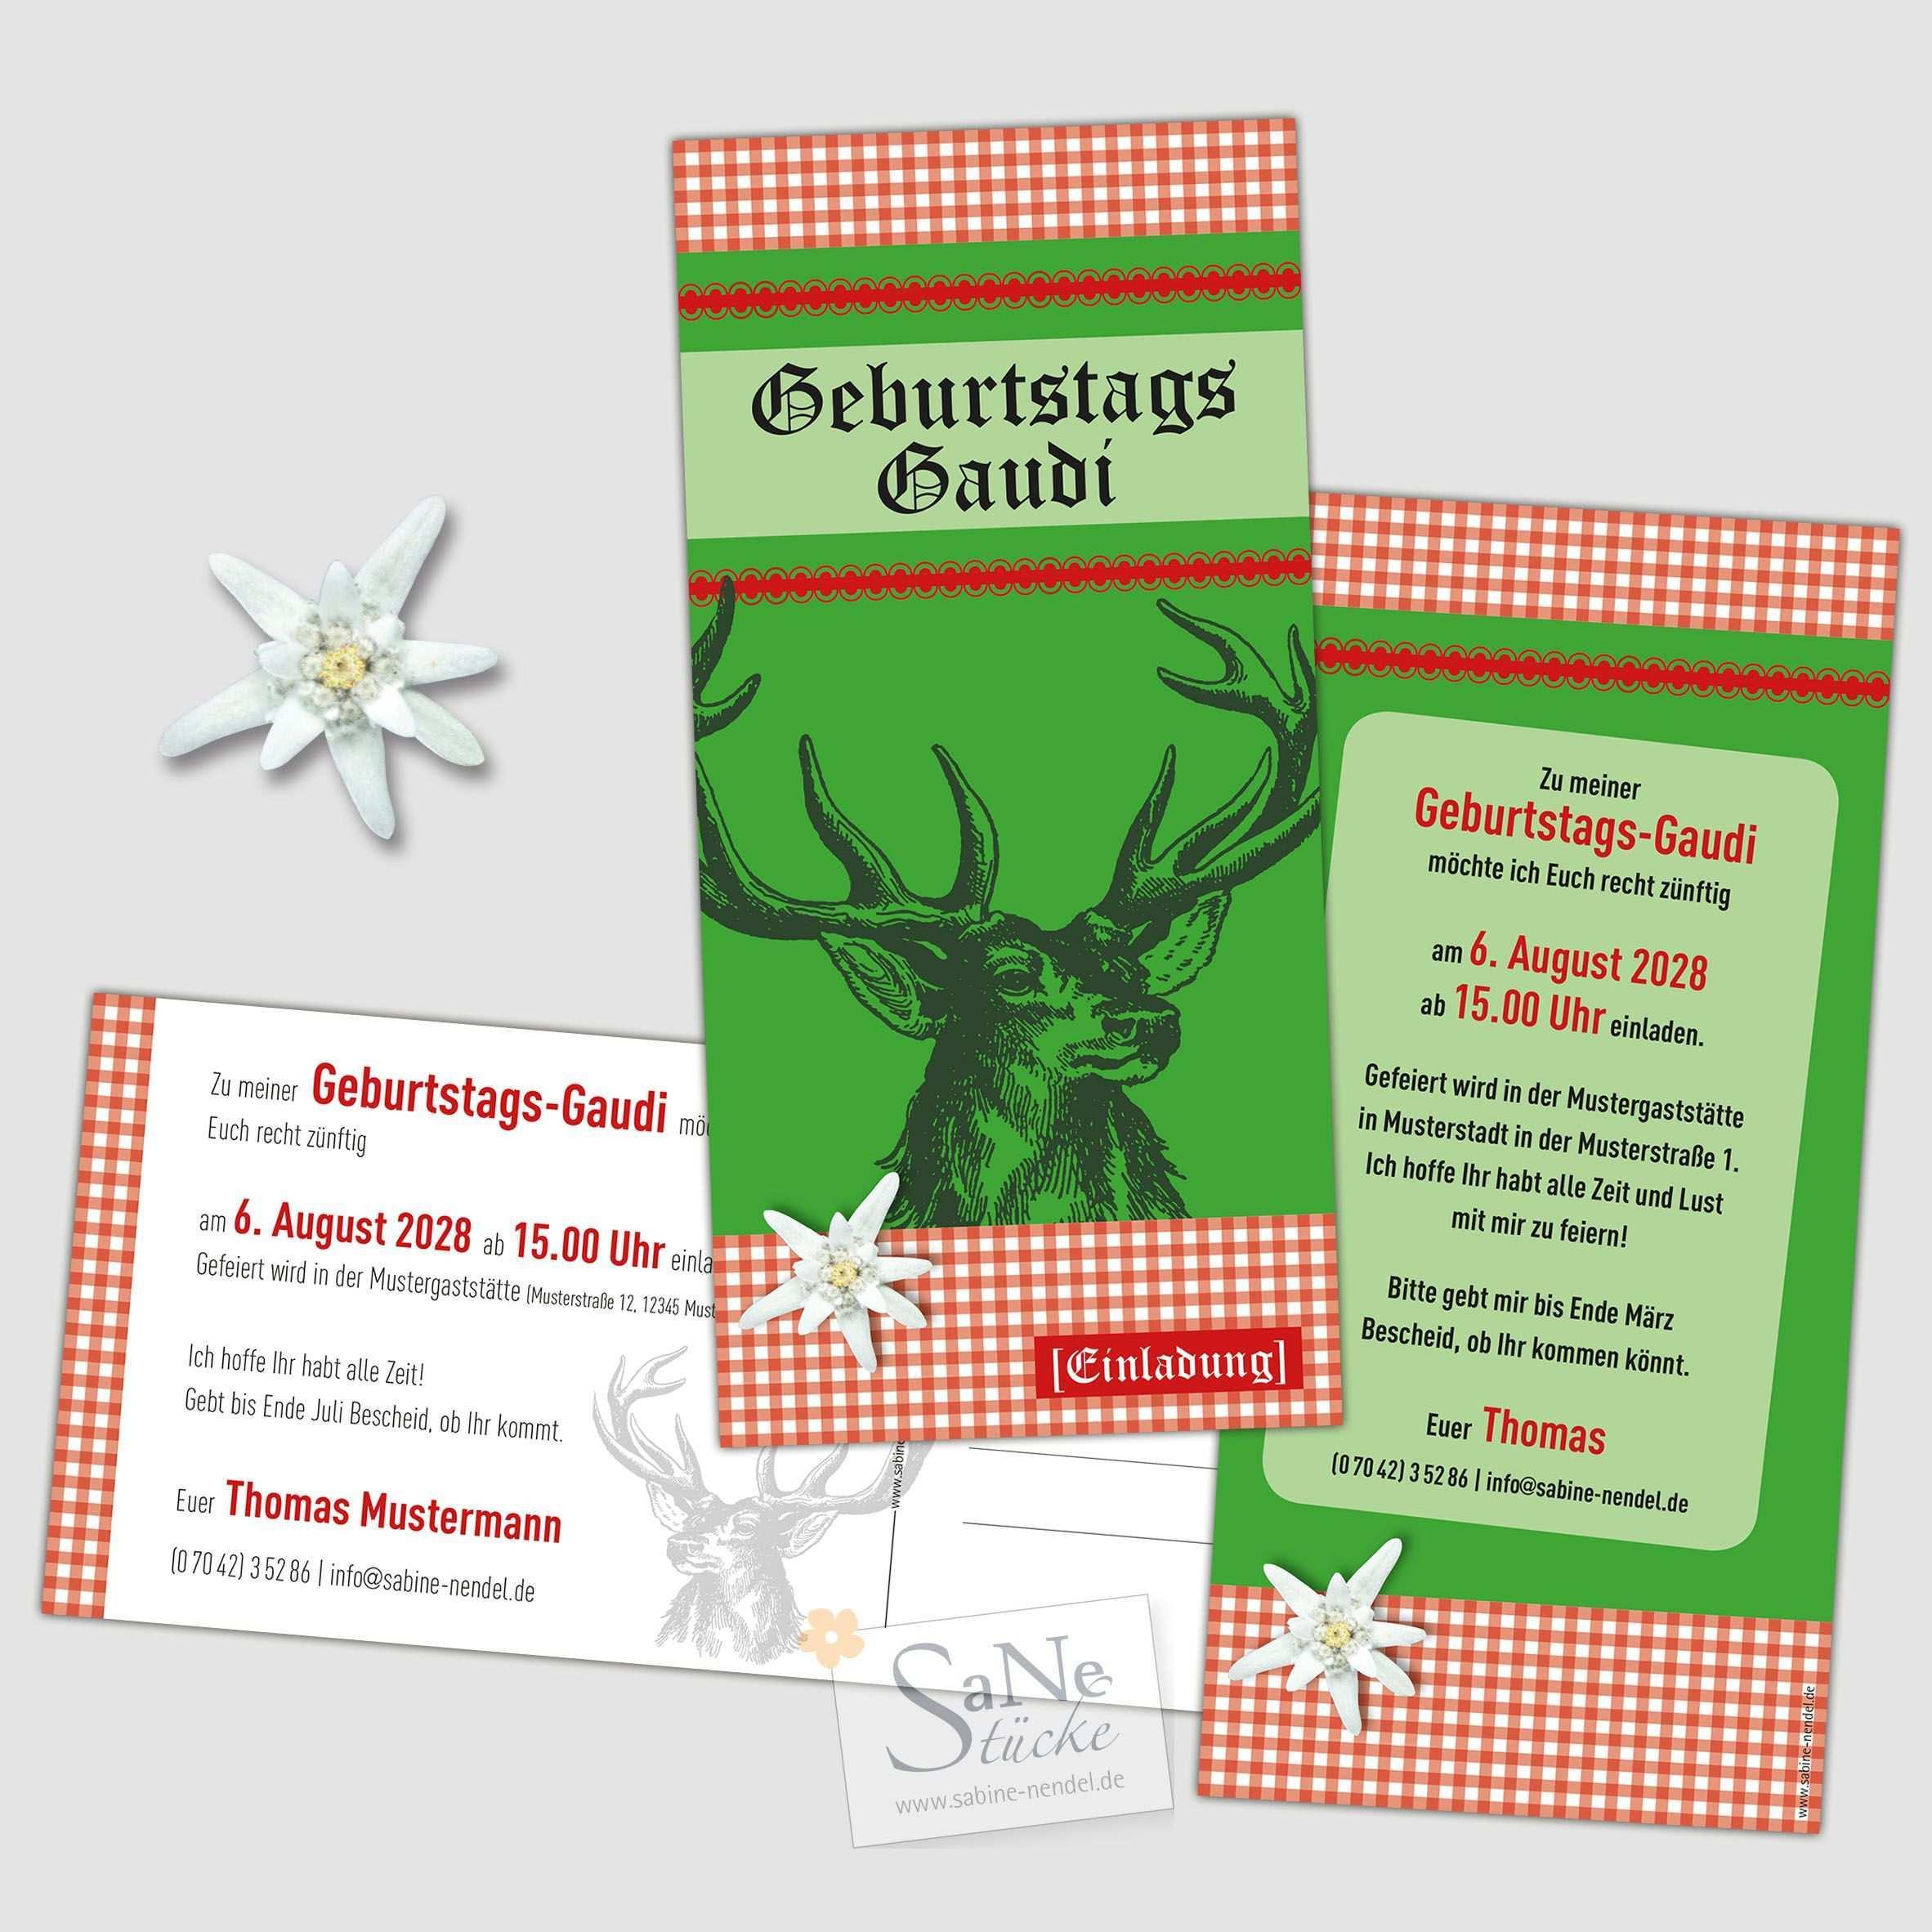 Rustikale Geburtstagseinladung Zur Huttengaudi Mit Hirsch Motiv Im Alpenstil Direkt Als Postkarte Versckickbar Oder Huttengaudi Gaudi Geburtstagseinladungen